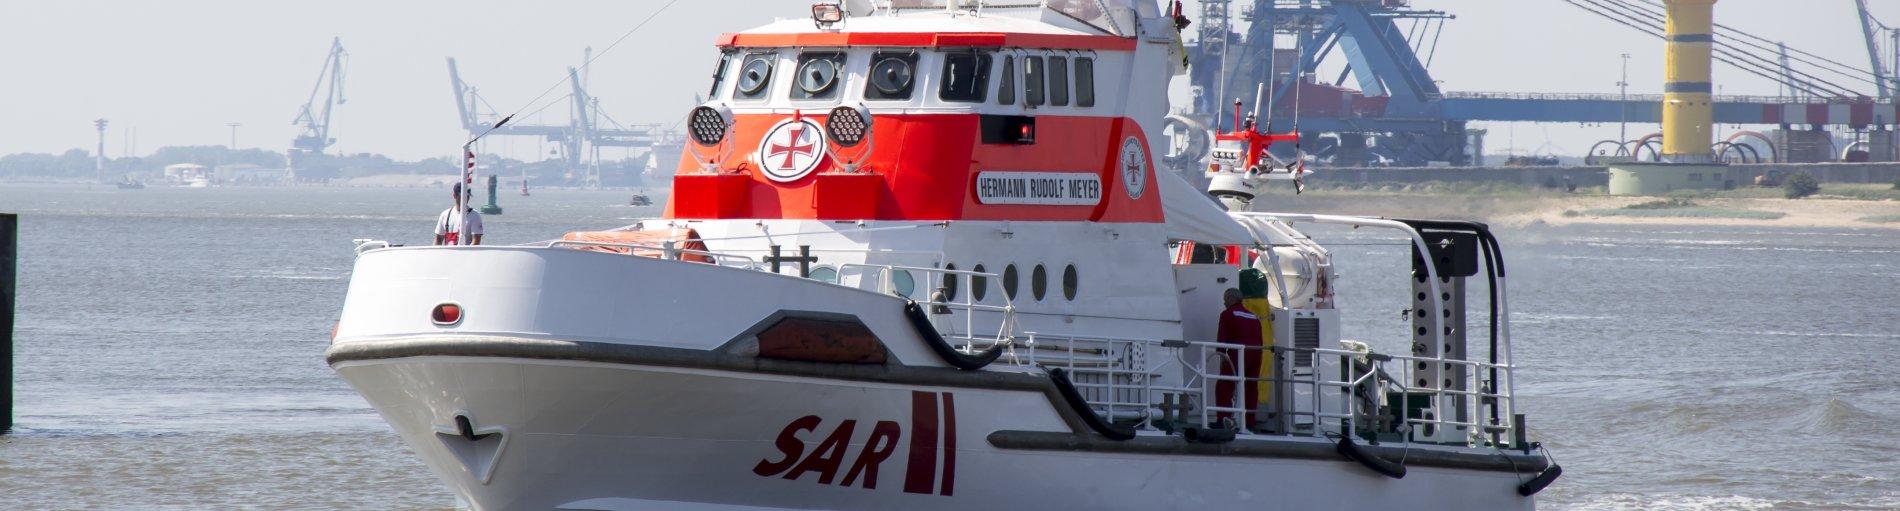 Ein Einsatzschiff der Seenotrettung auf hoher See.